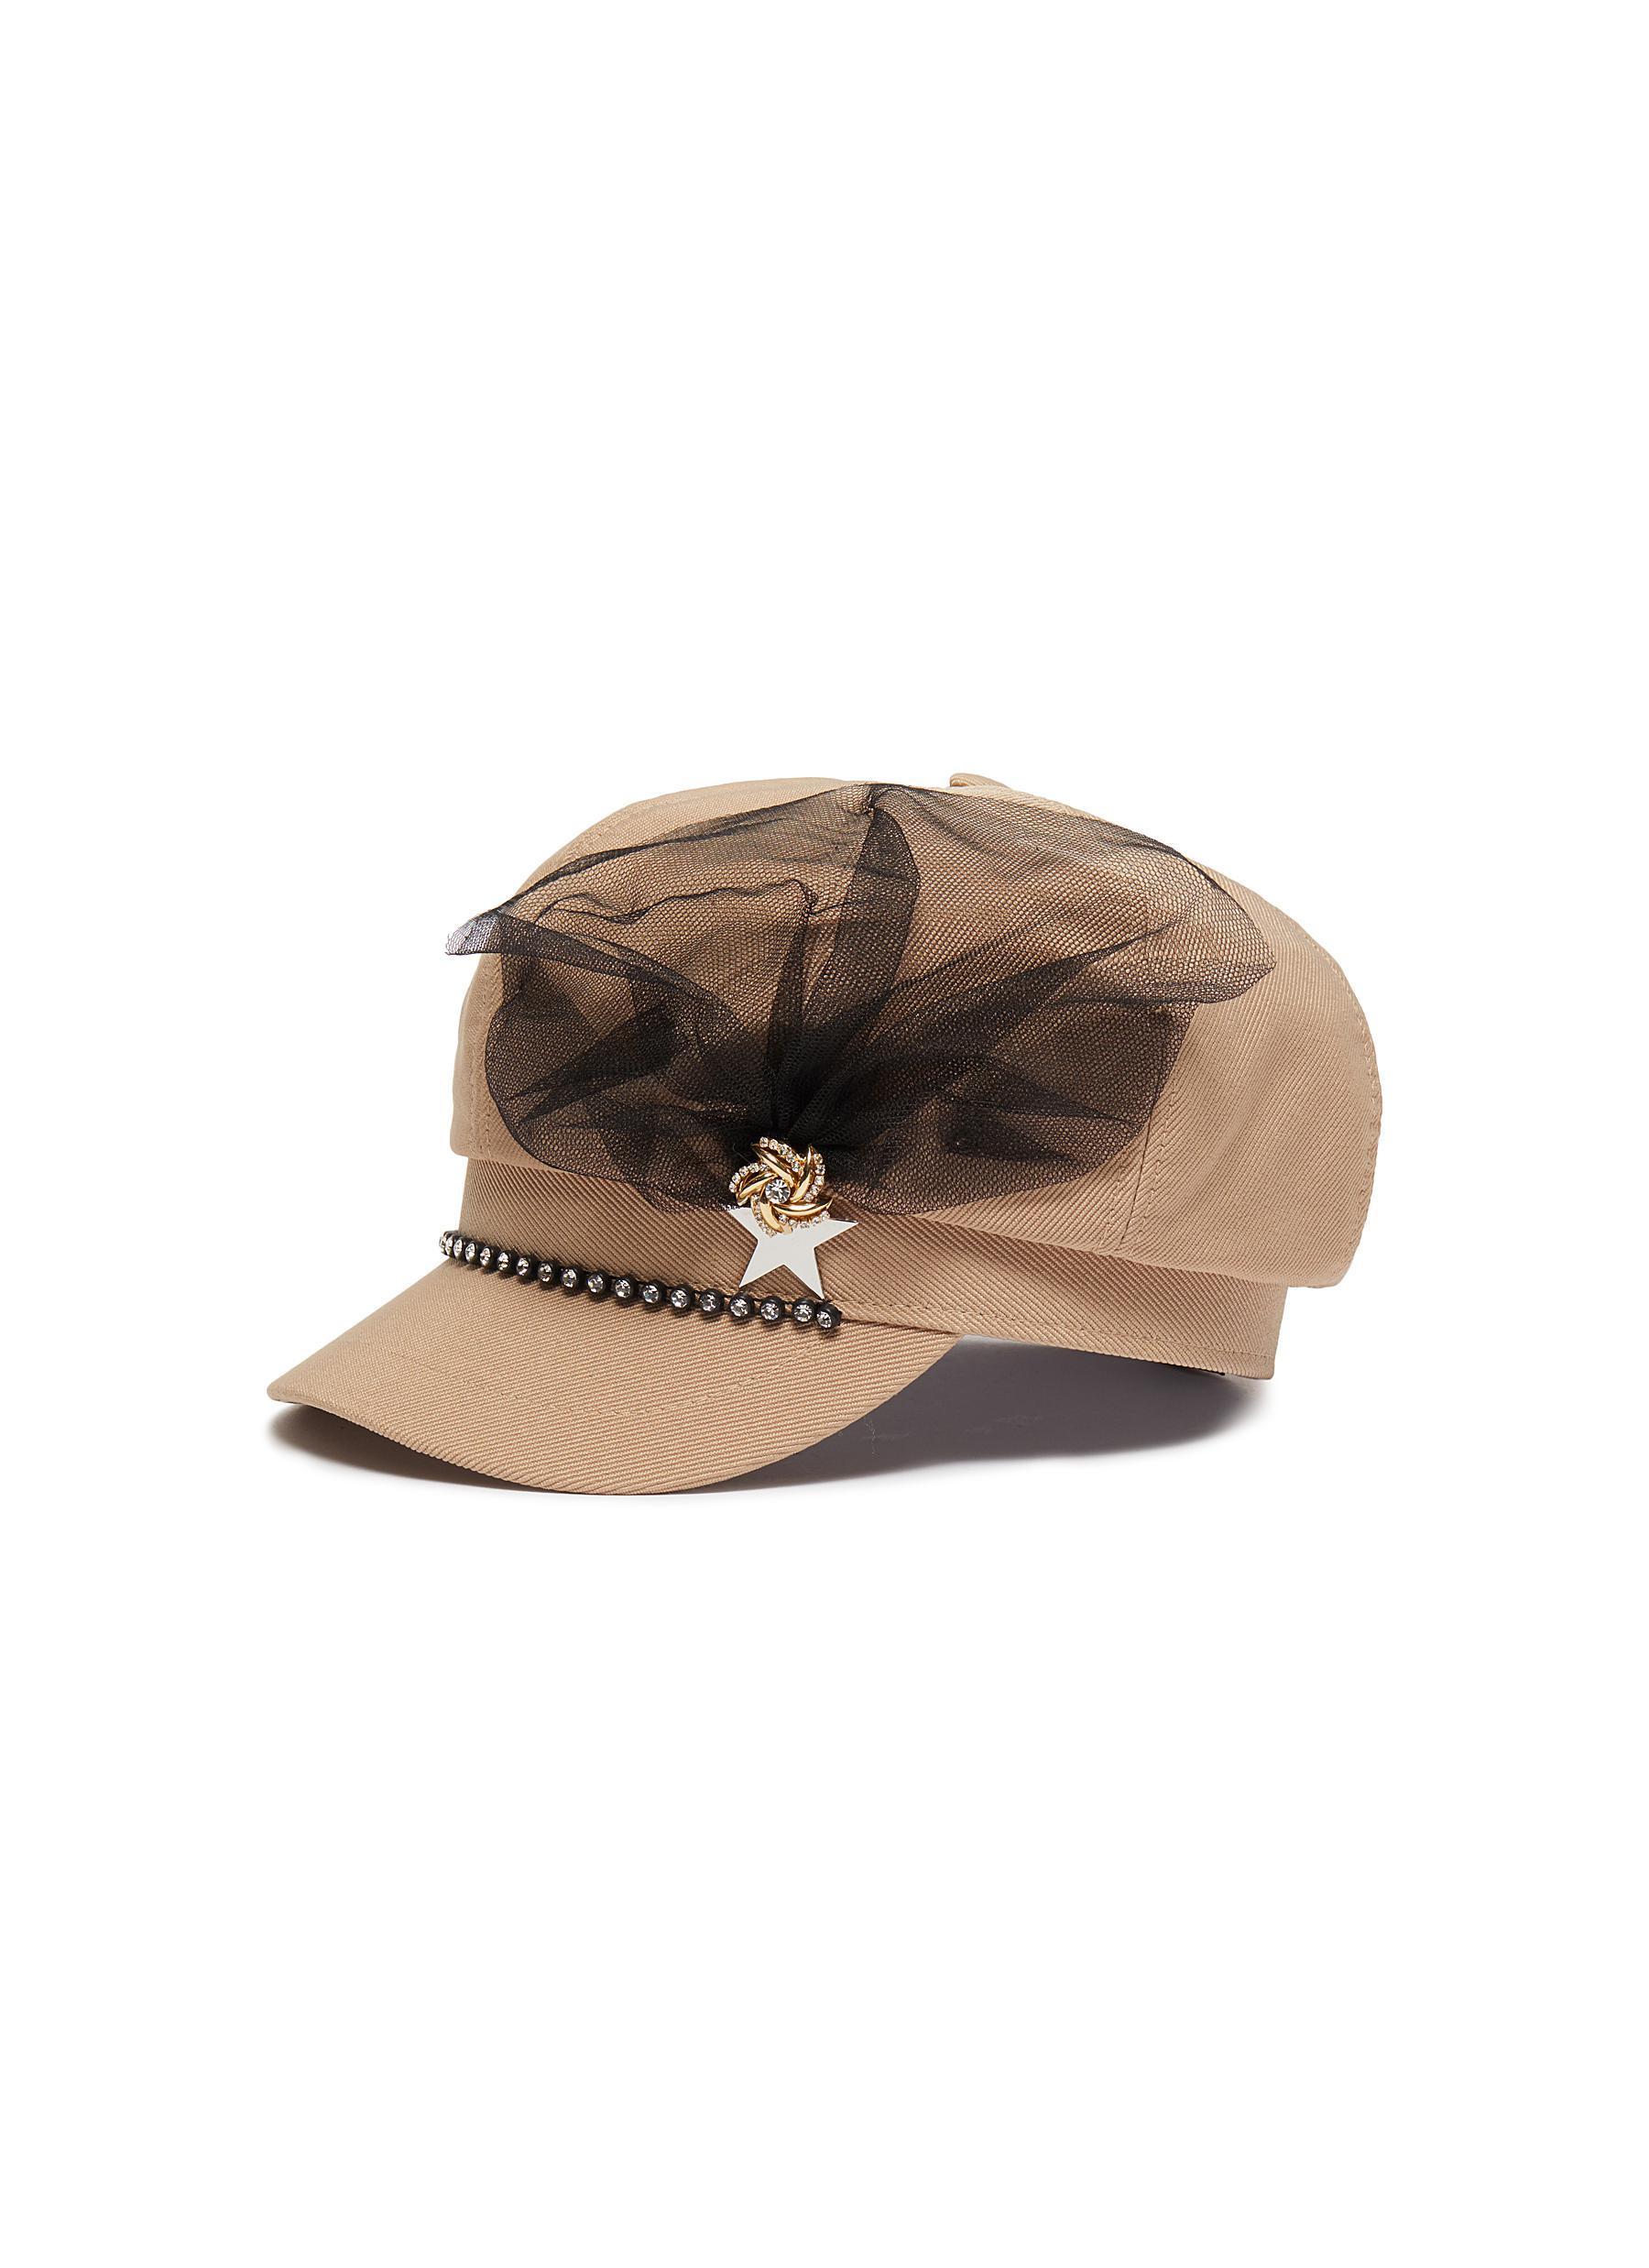 c0eeb88b25f Venna Mesh Embellished Pin Twill Newsboy Cap in Natural - Lyst